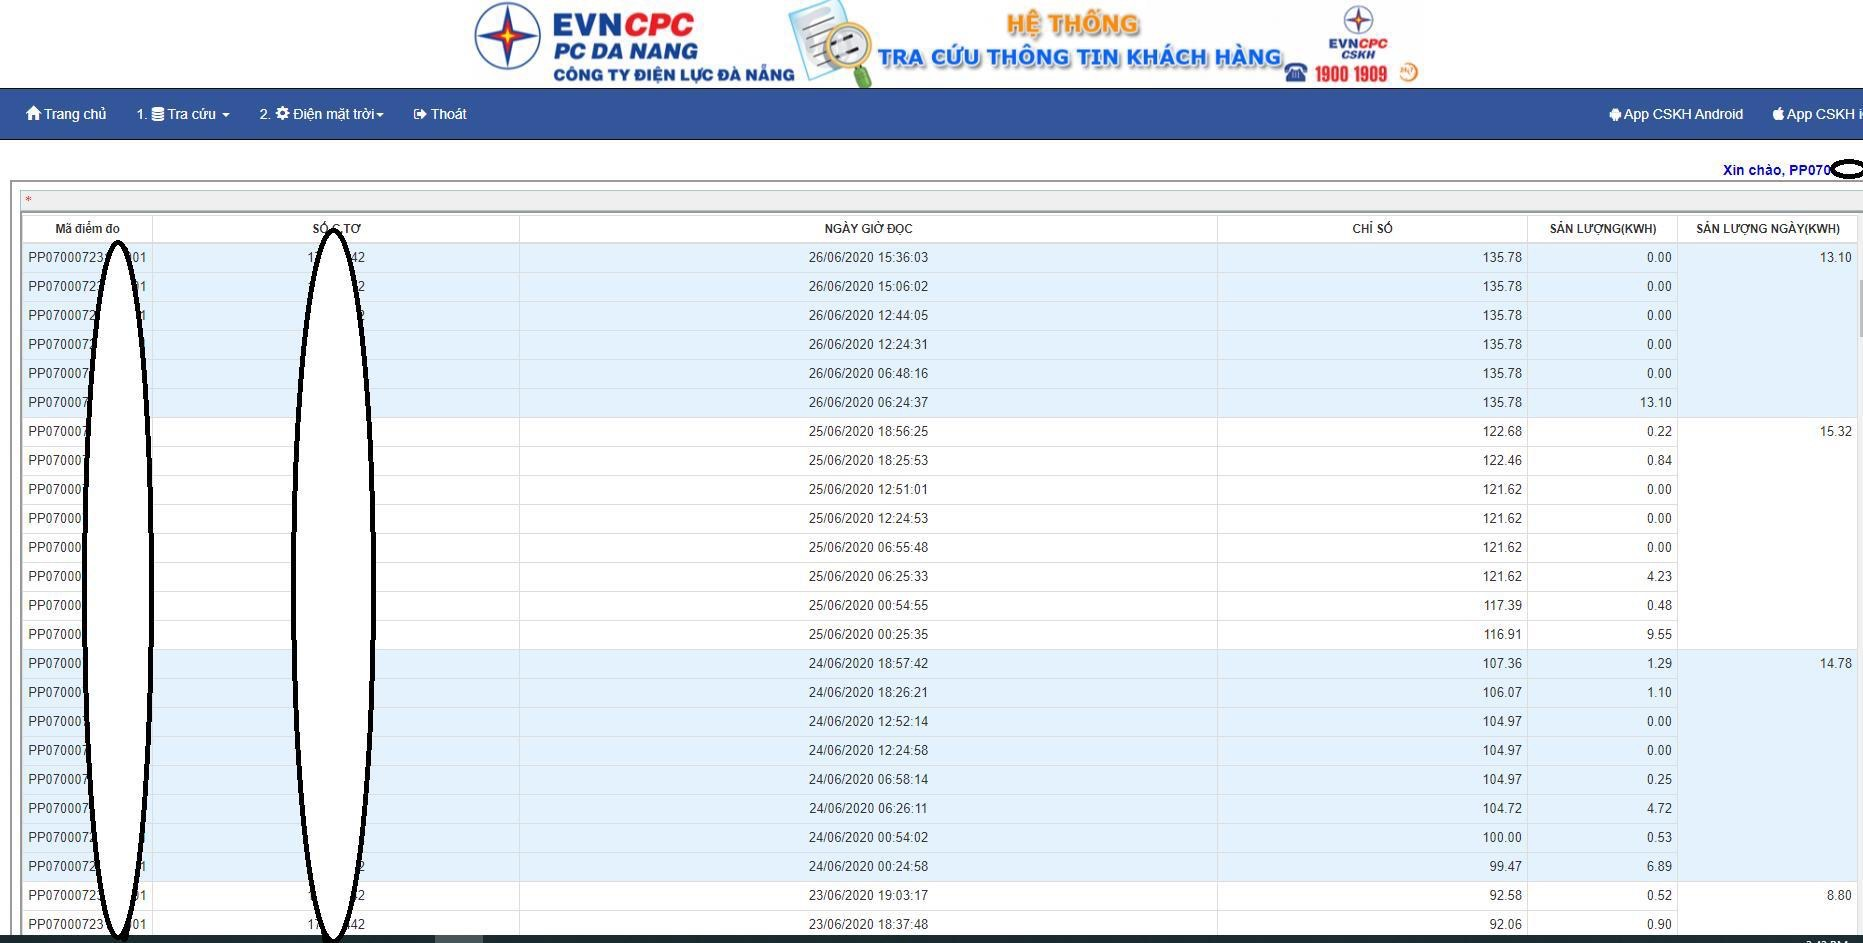 Điện lực Đà Nẵng phát triển hệ thống tra cứu chỉ số điện theo ngày, khách hàng có thể tự theo dõi, kiểm tra tiền điện của mình - Ảnh 1.